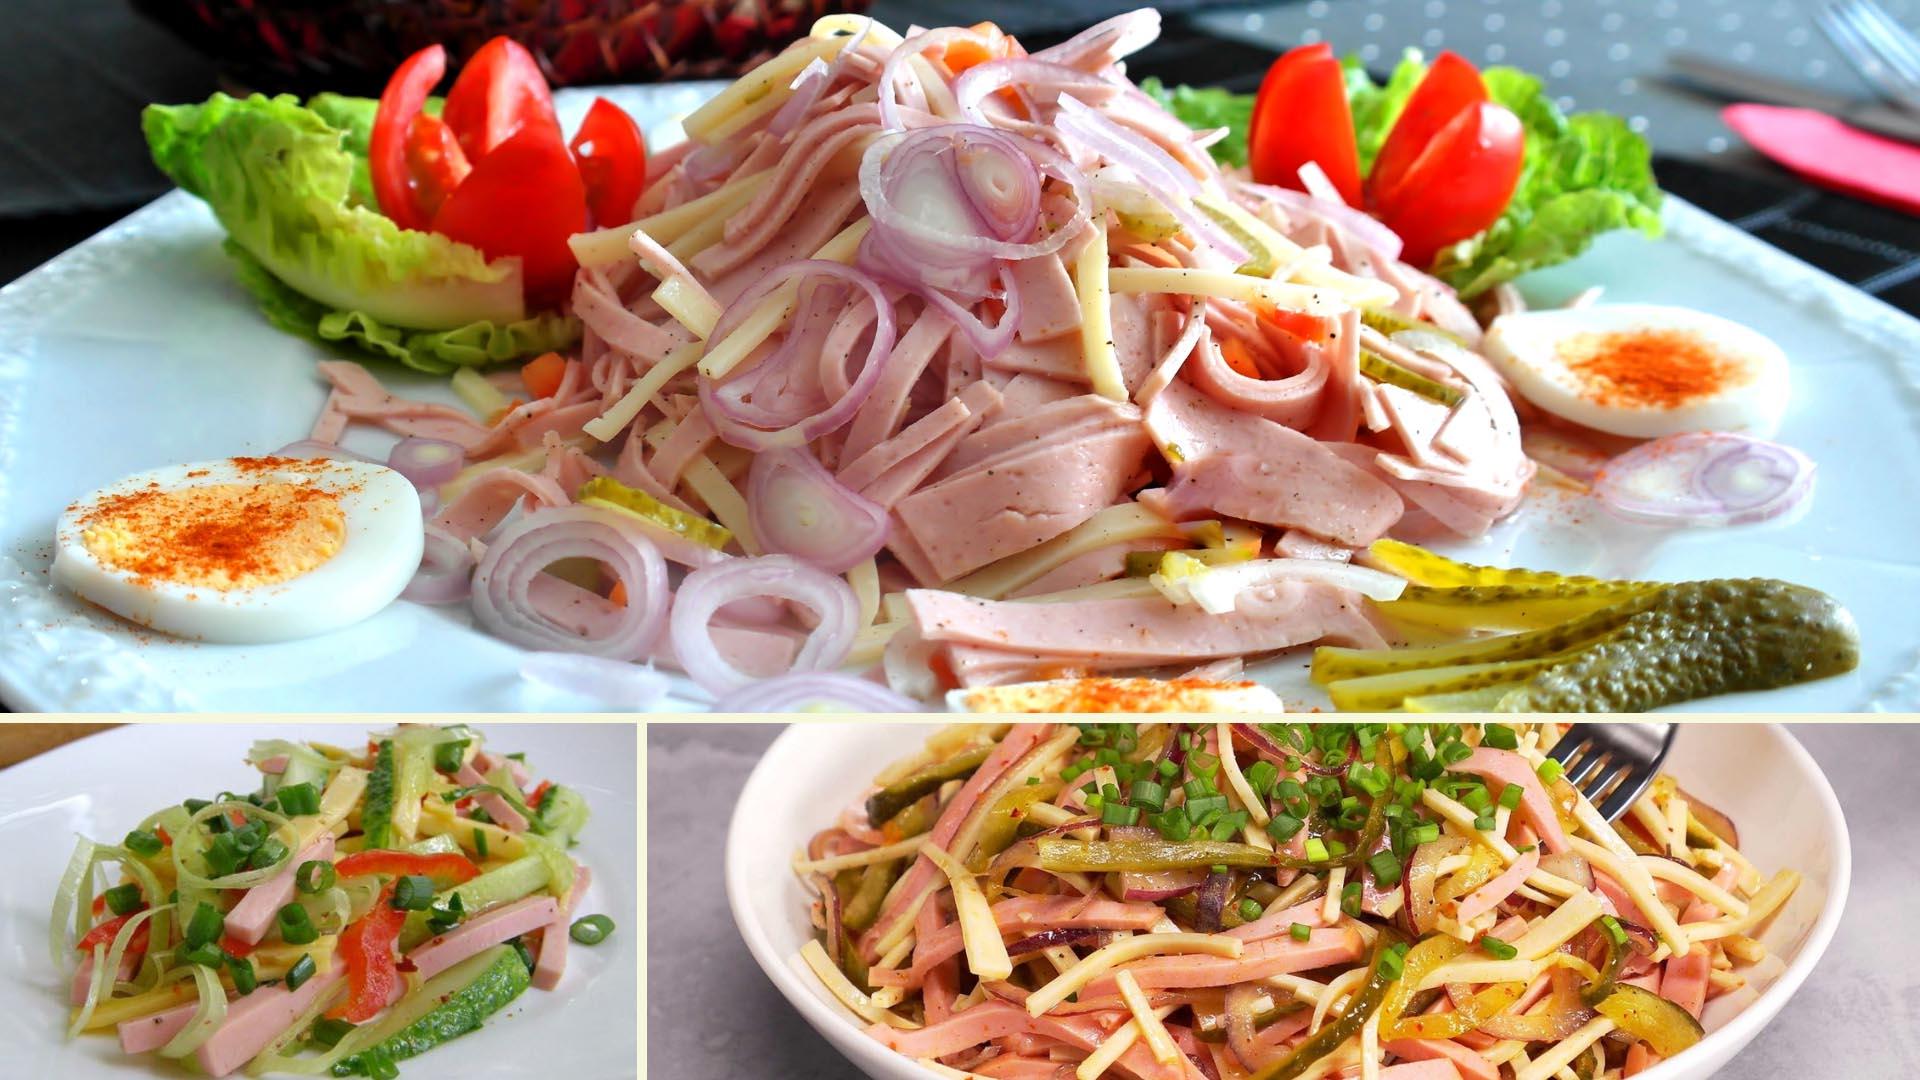 Салат с колбасой по-швейцарски. Простой вкусный рецепт с фото на новогодний стол 2021